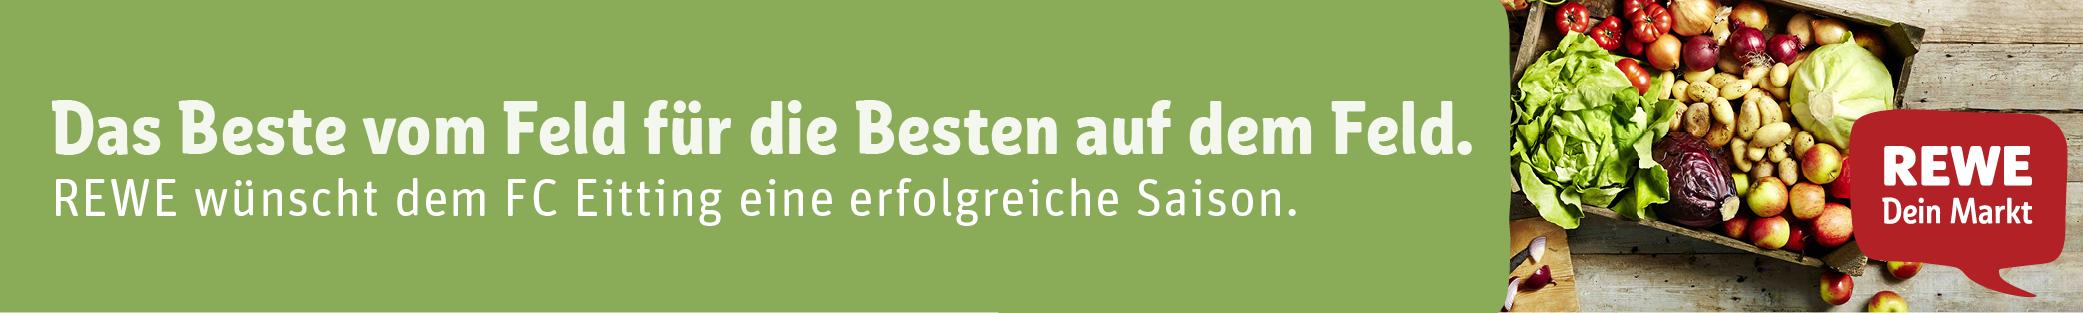 http://fceitting.de/wp-content/uploads/2021/08/REWE-Banner-202108neu.jpg